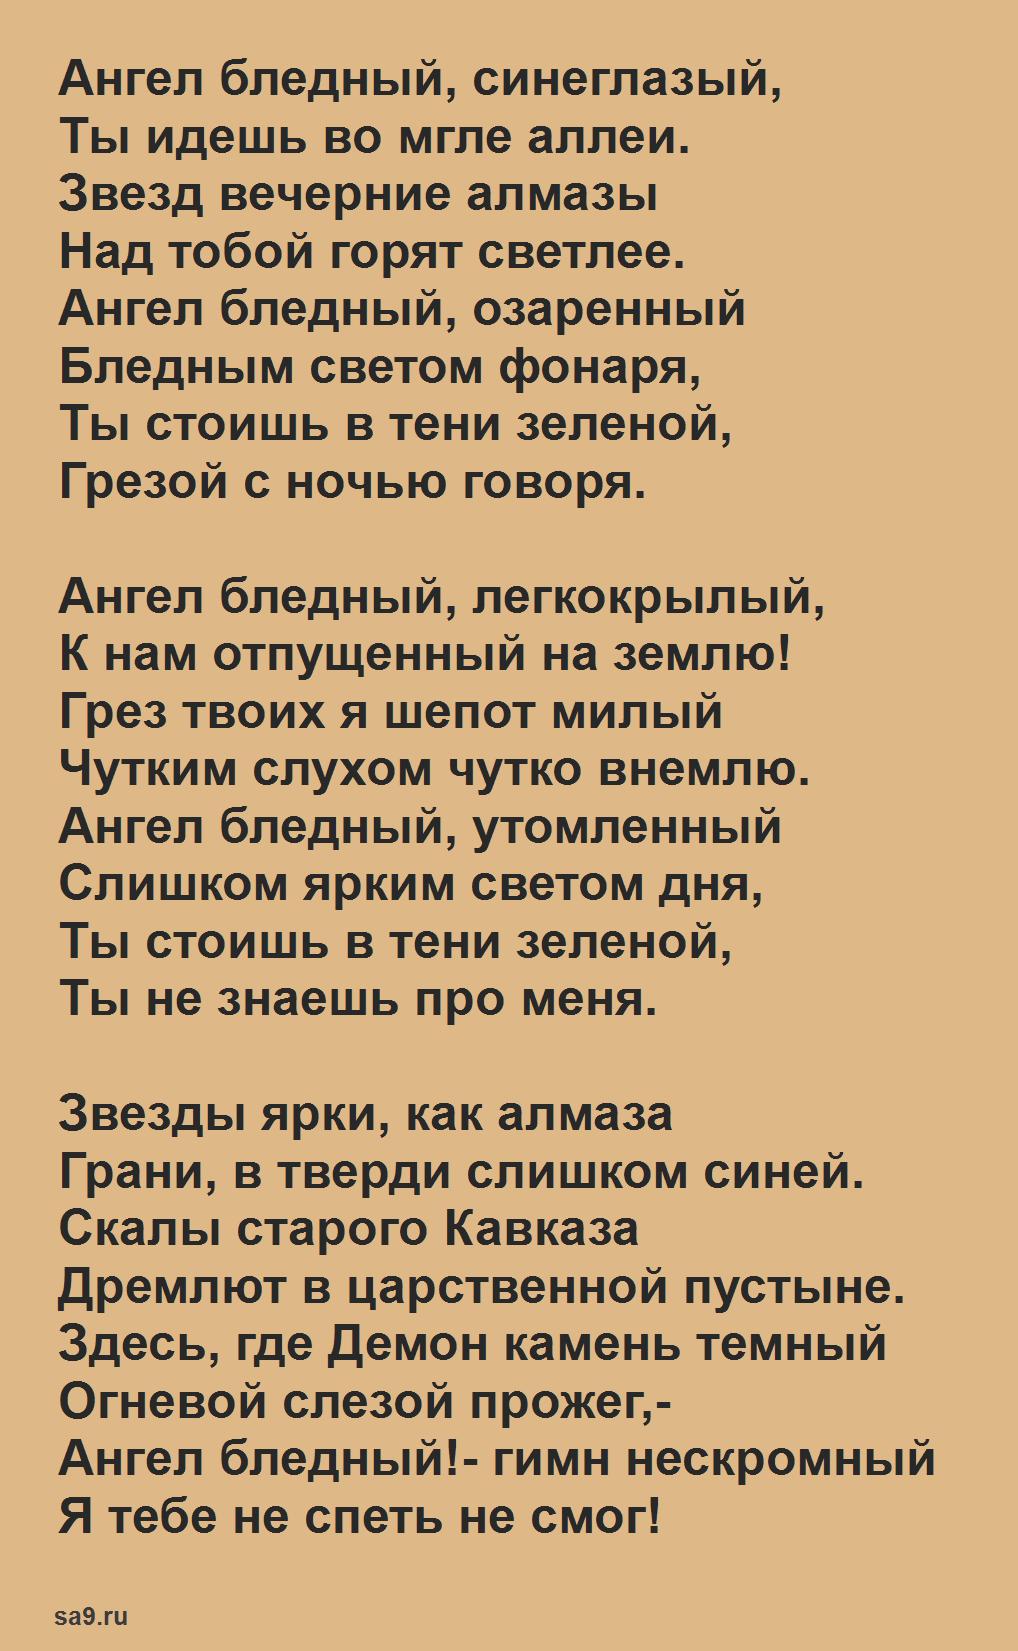 Первые стихи Брюсова - Ангел Бледный